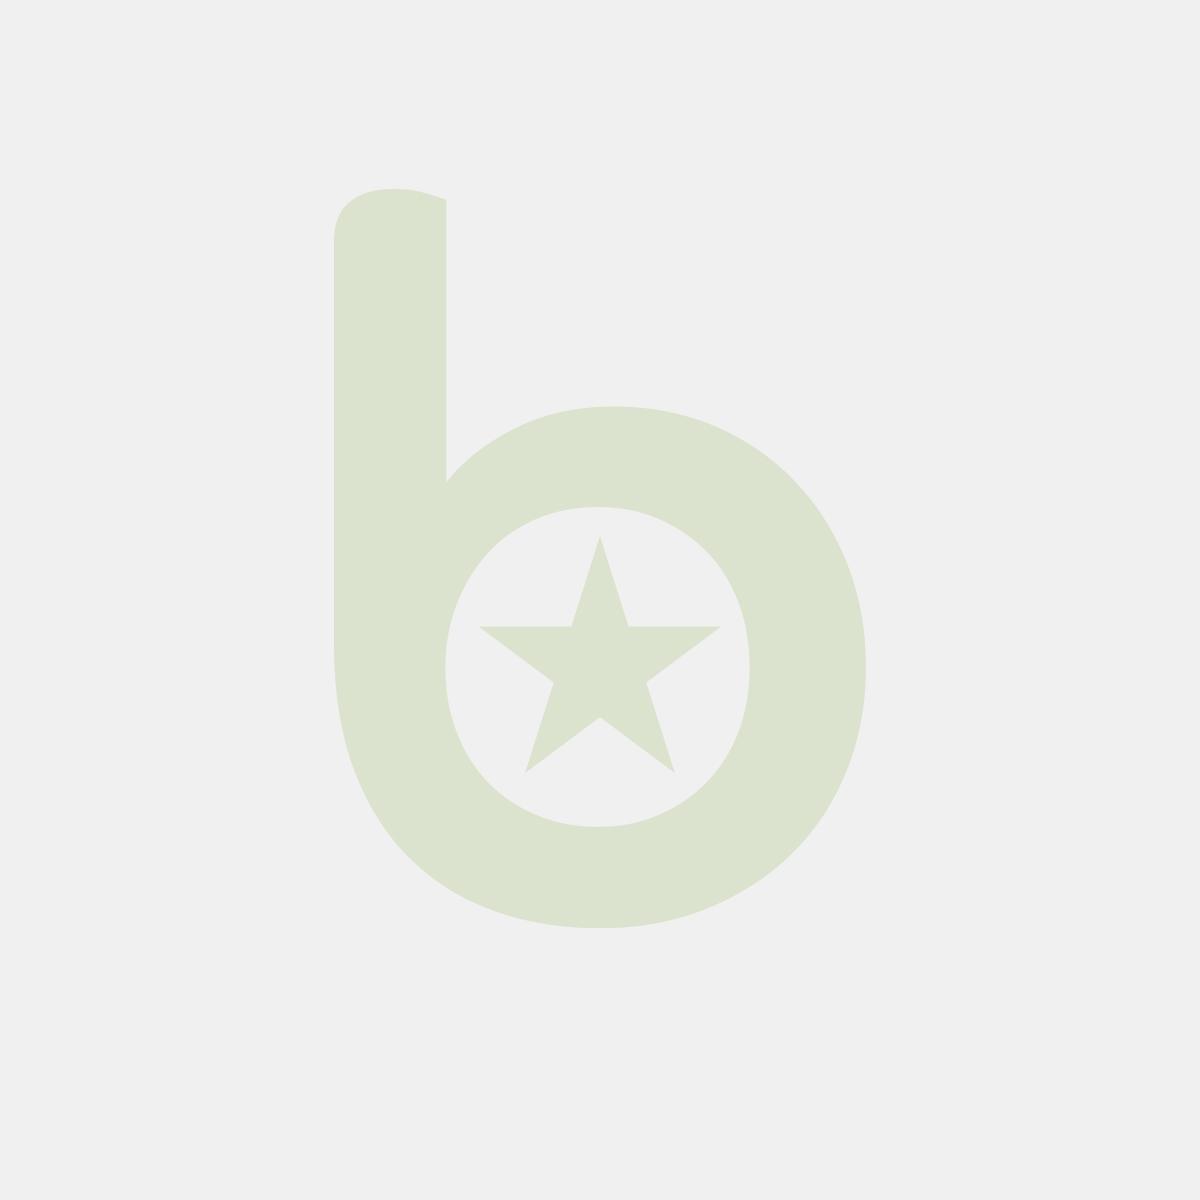 FINGERFOOD - mini porcelanowa łyżka kwadratowa, biała 53x96x18mm op. 4 sztuki